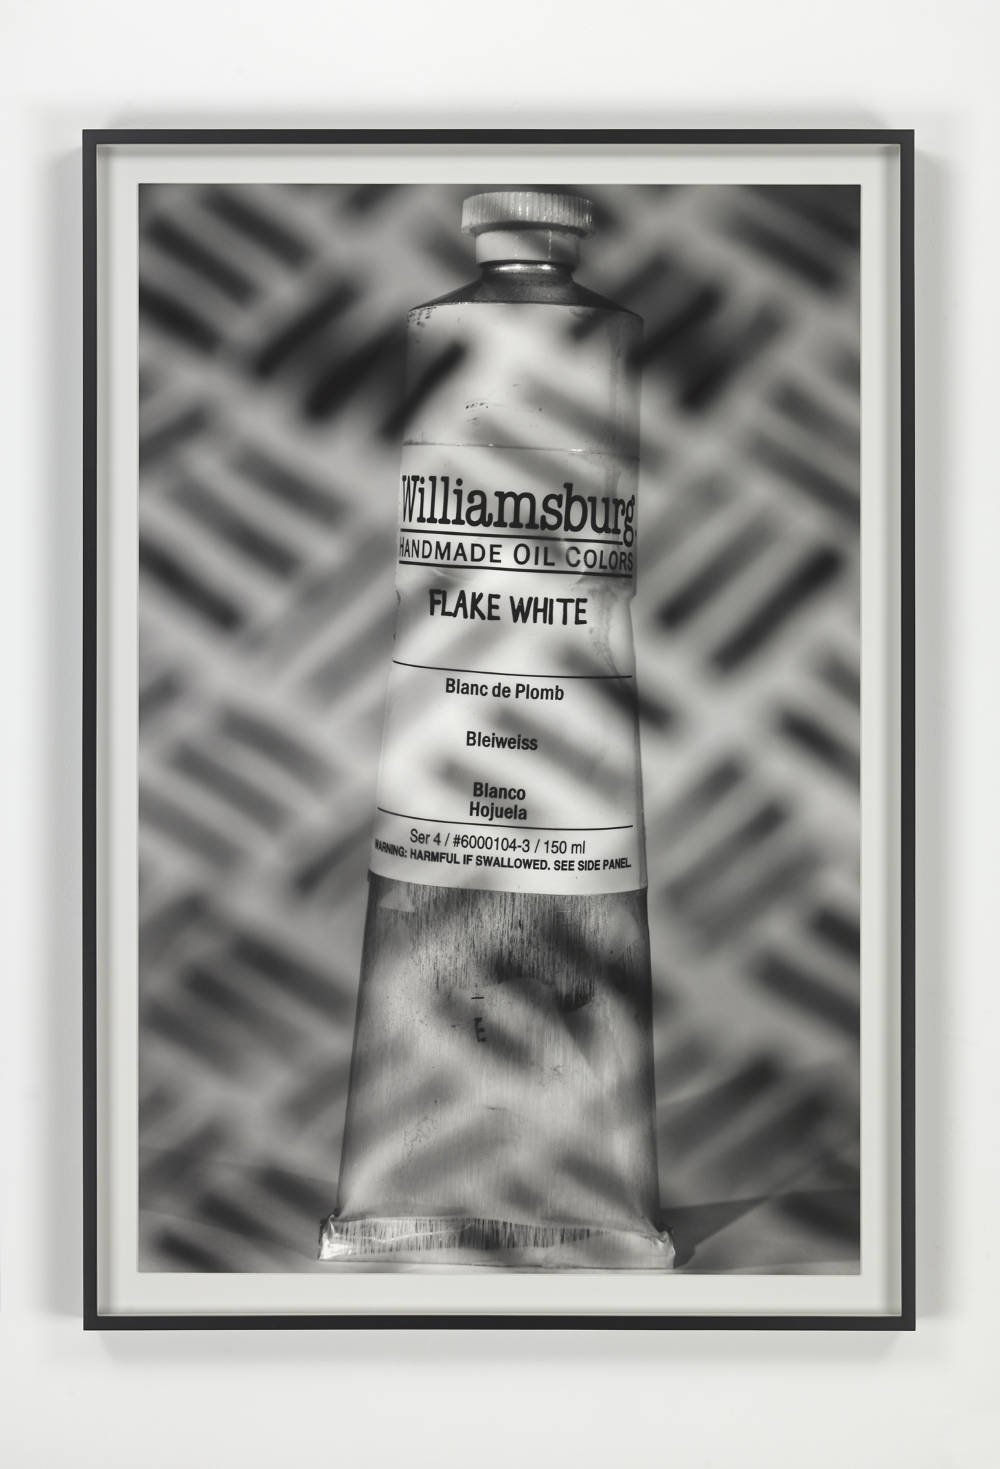 WYATT KAHN, Untitled, 2017. Silver gelatin print, framed. Sheet 101 x 67 cm / 39 3/4 x 26 3/8 inches Frame 108.5 x 74.5 cm / 42 3/4 x 29 3/8 inches